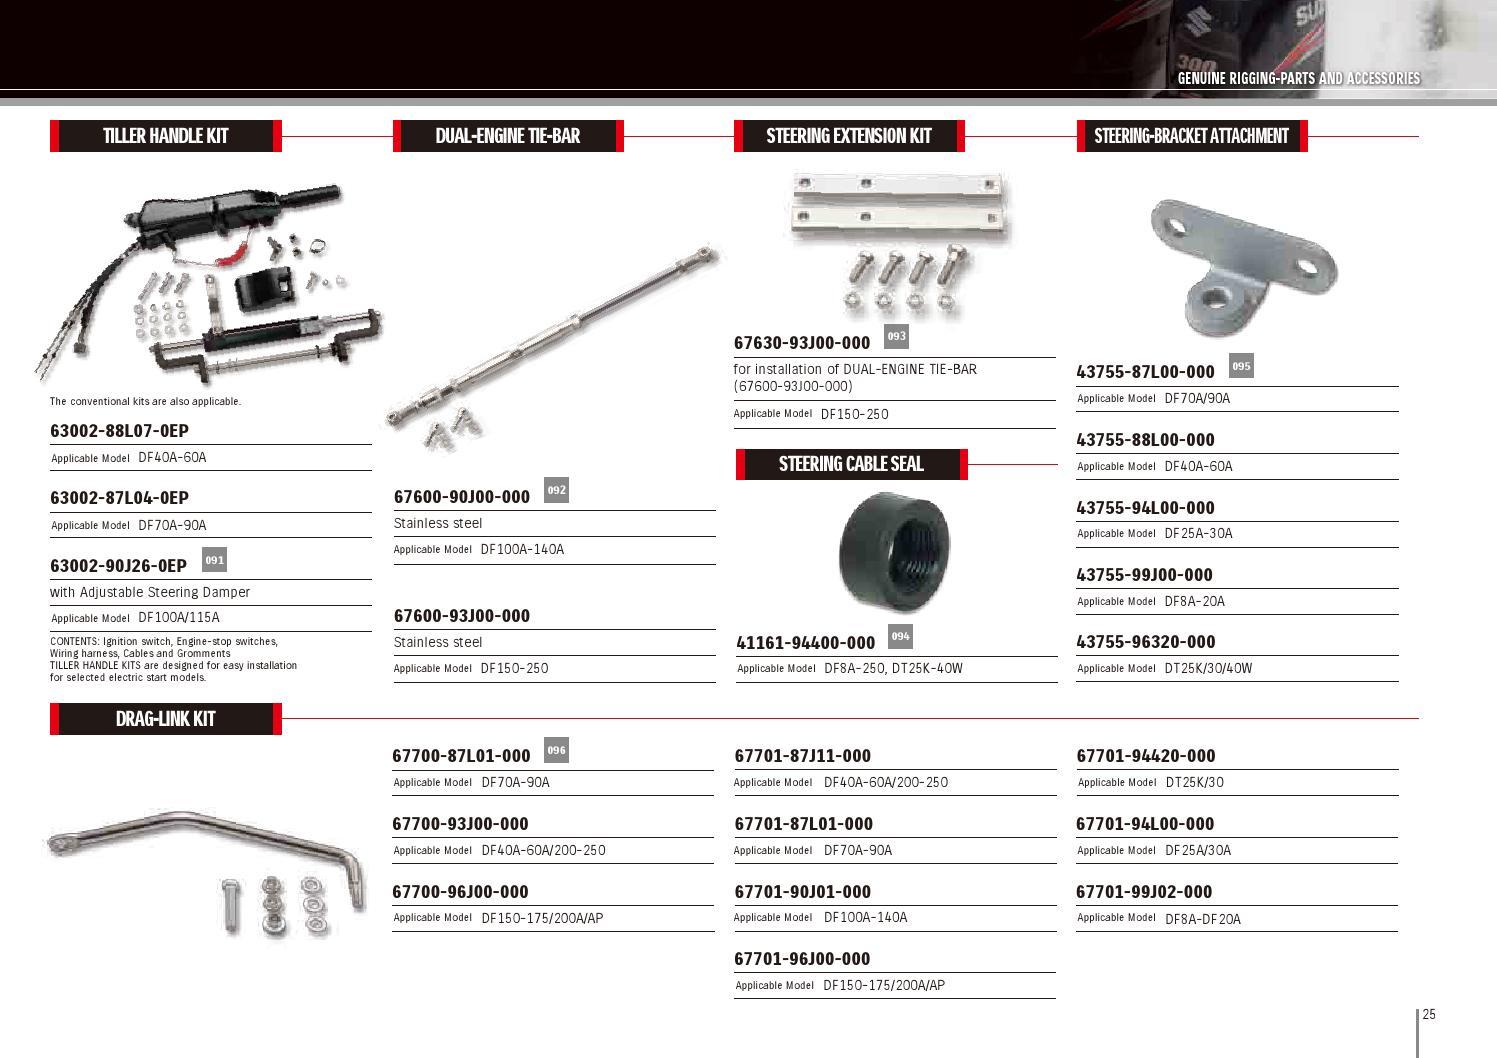 2015 Suzuki marine genuine rigging parts and accessories